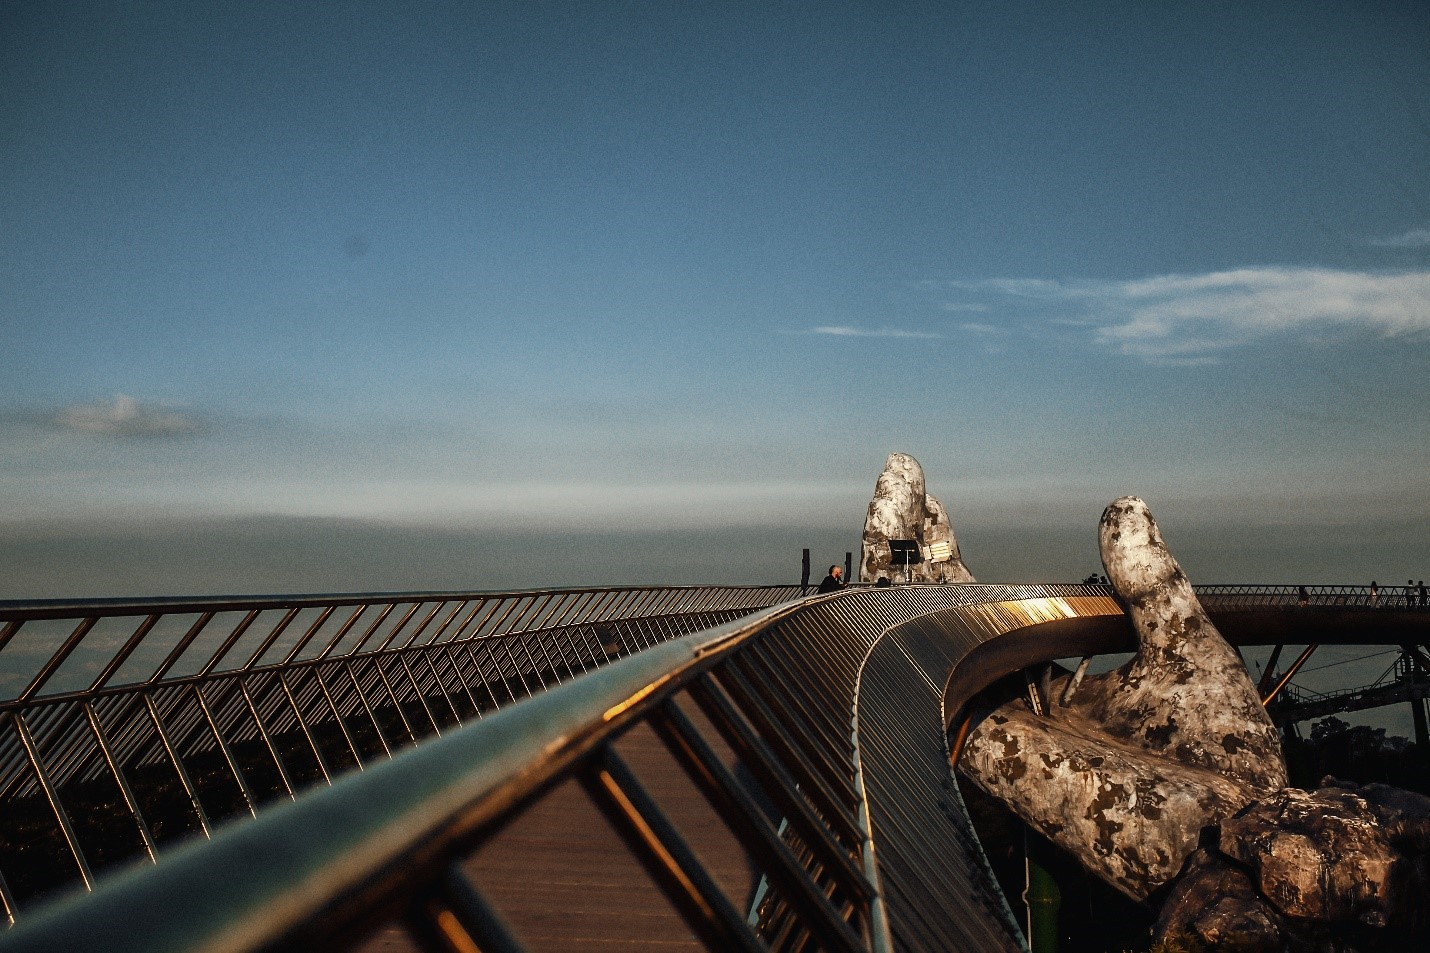 Chiêm ngưỡng những khoảnh khắc nghệ thuật bay bổng tại Cầu Vàng 8